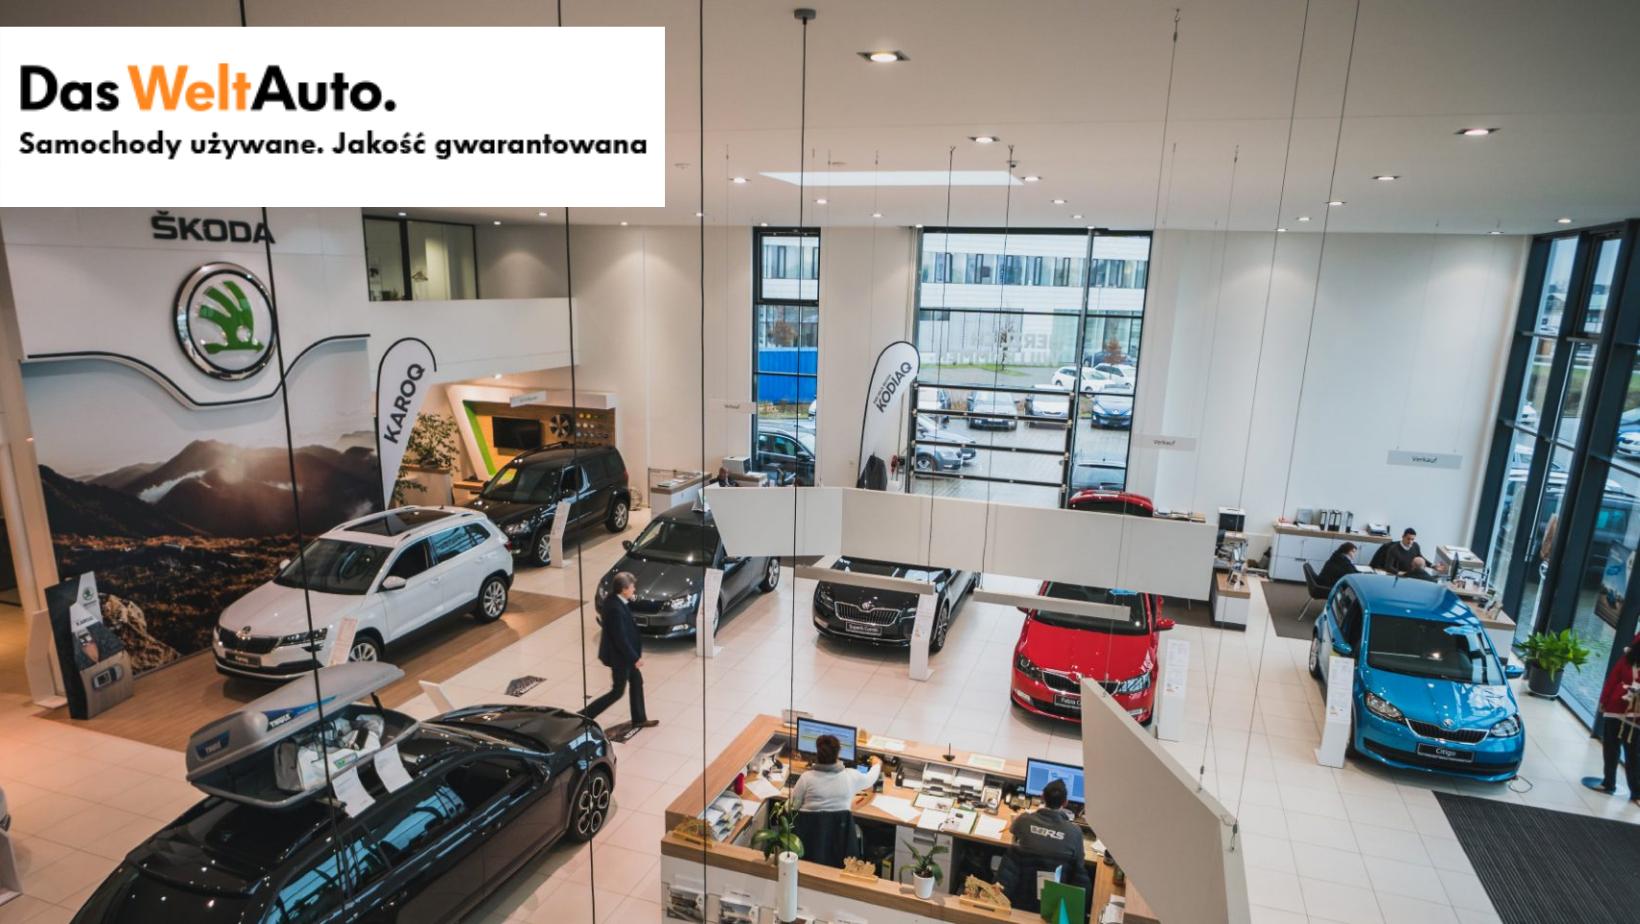 Szukasz auta używanego z pewnego źródła? Już nie musisz! W Das WeltAuto Centrum TMT znaleźliśmy dla Ciebie najlepsze samochody używane.